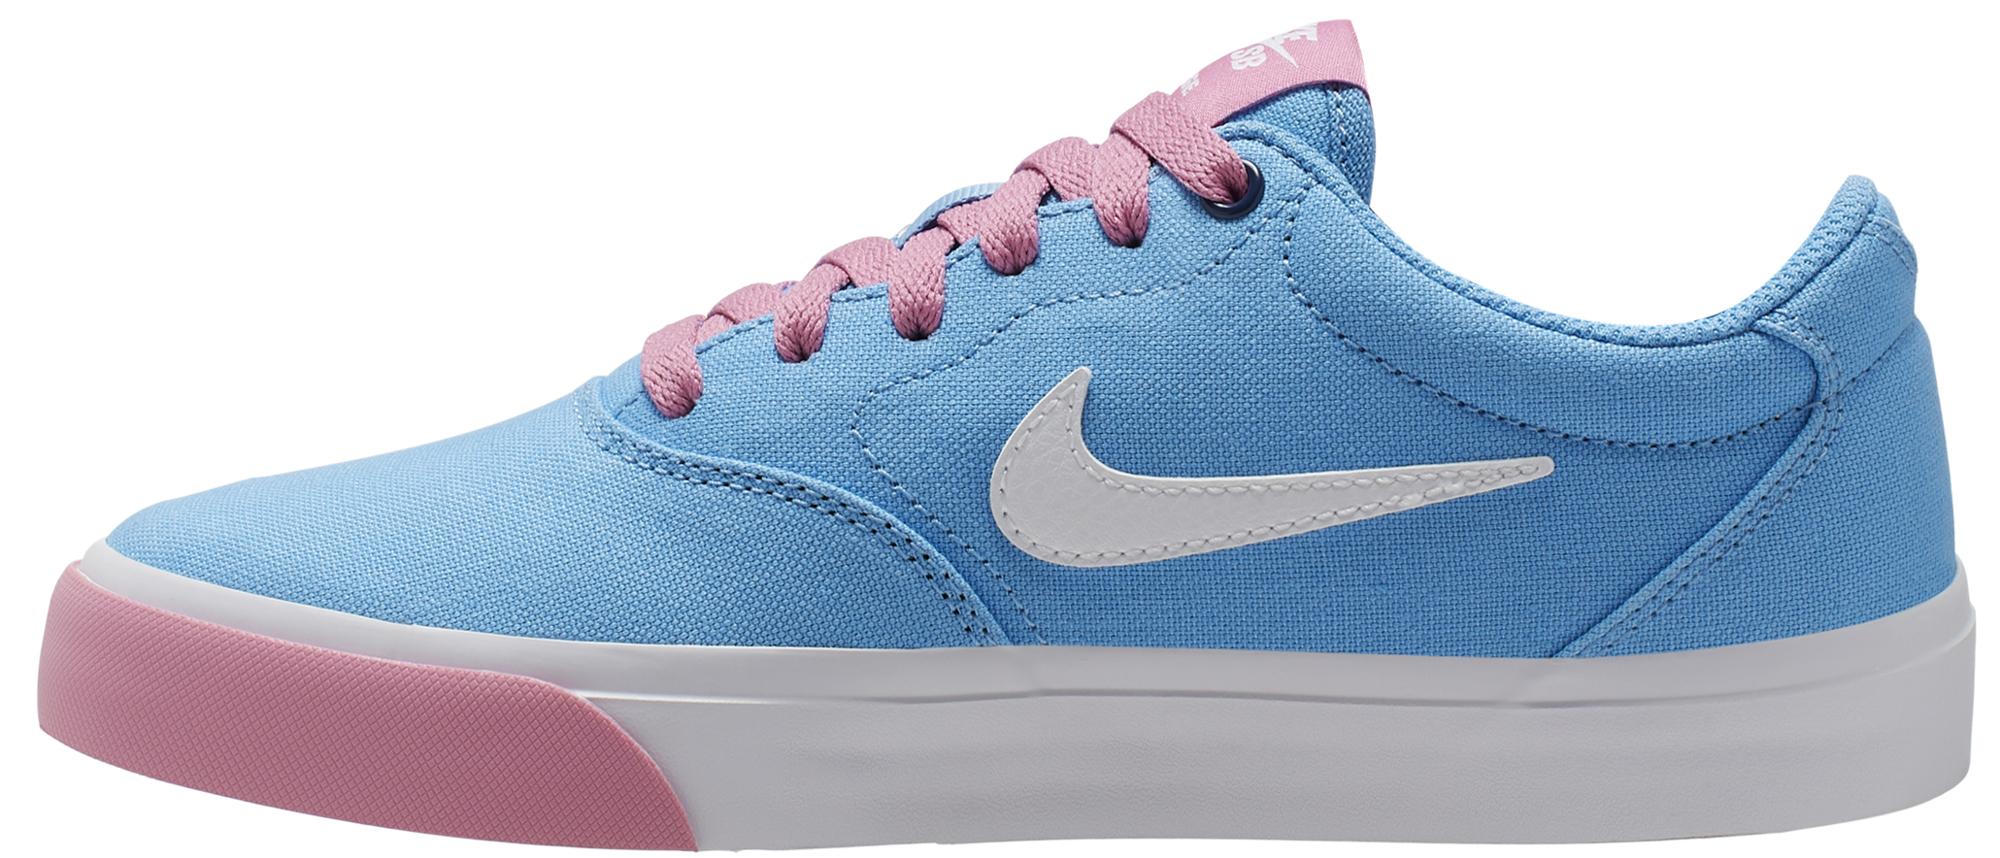 цена на Nike Кеды женские Nike Sb Charge Canvas, размер 37